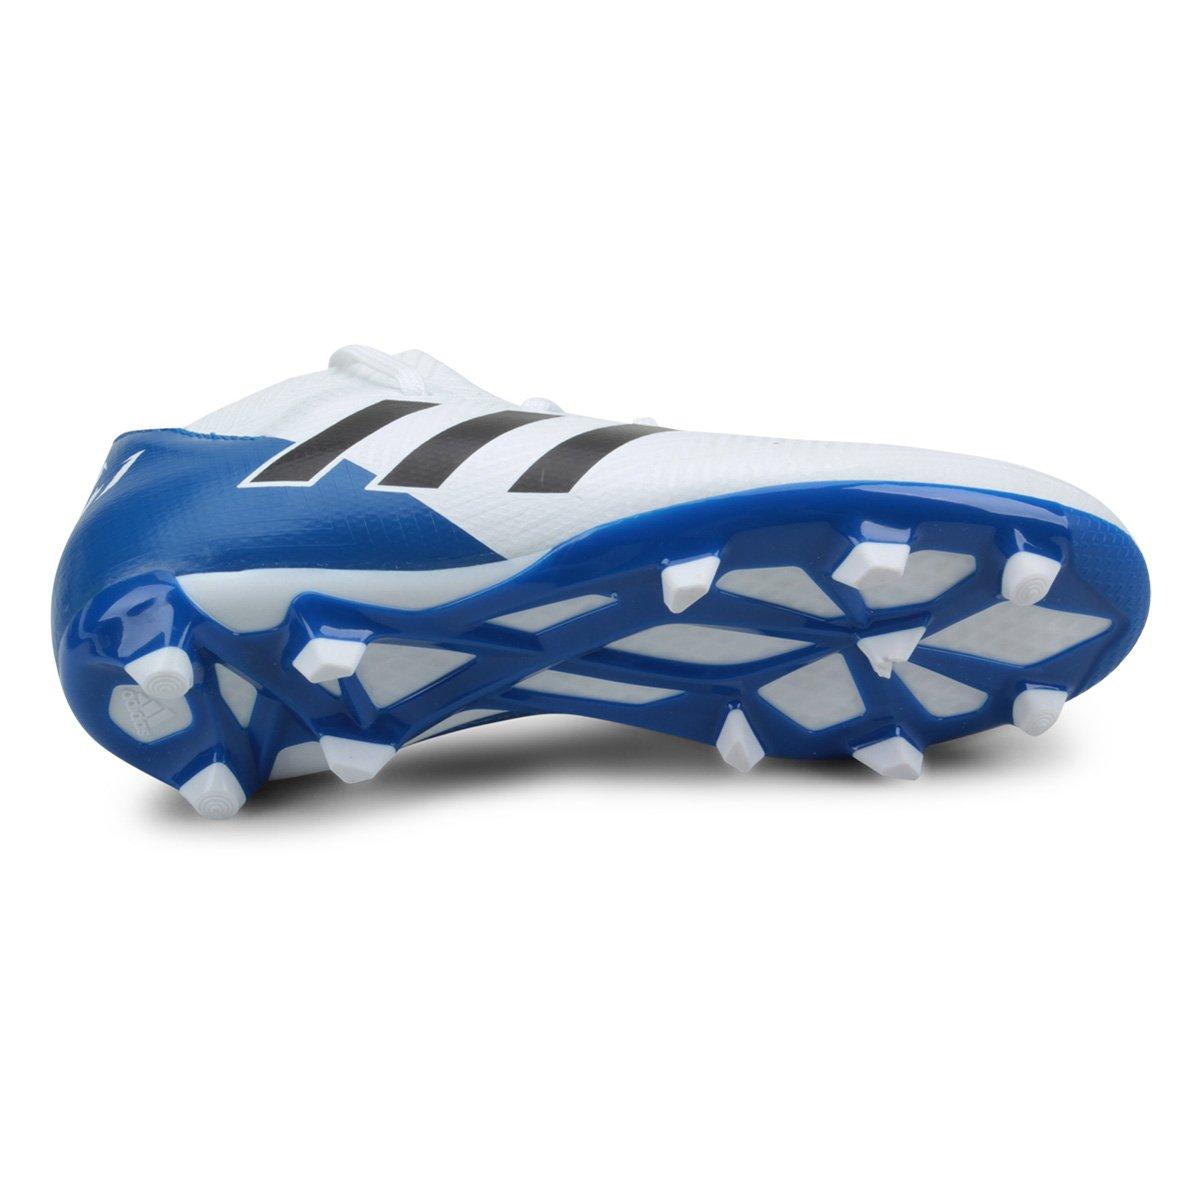 Chuteira Campo Infantil Adidas Nemeziz Messi 18 3 FG - Branco e ... 397c6c41f7624